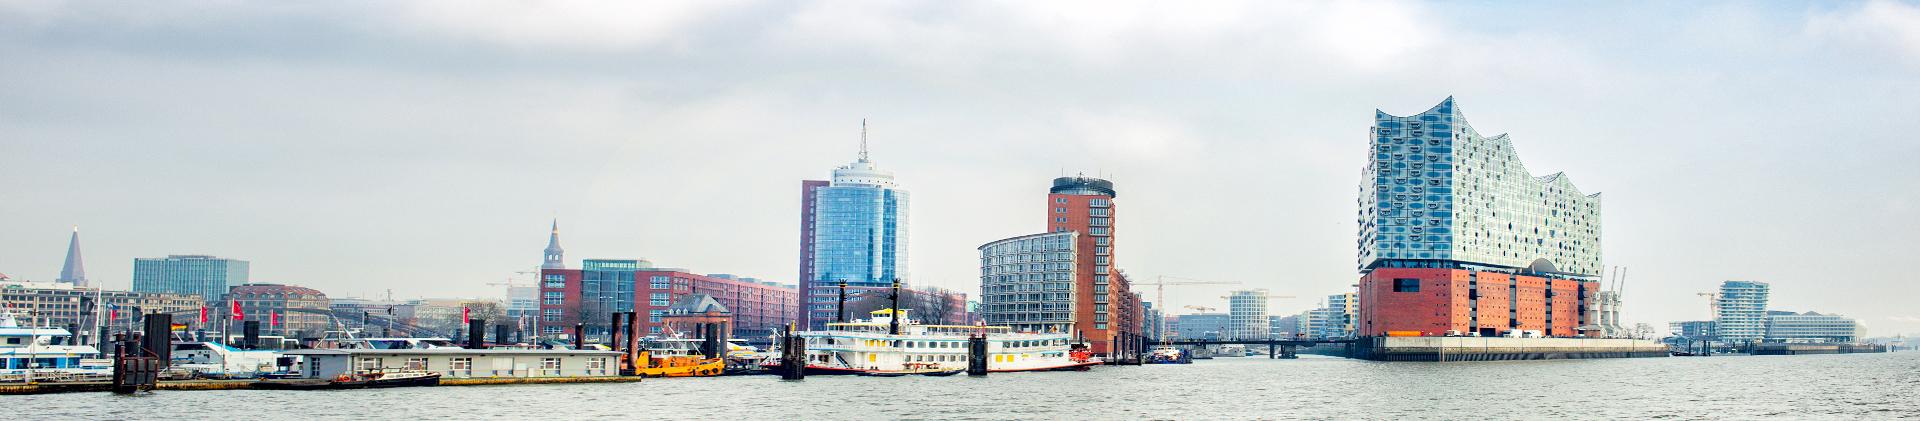 Hamburger Hafen. Dieser verbindet die Steuerberatung und Kanzlei samt Steuerberater mit Hamburg und Ahrensburg